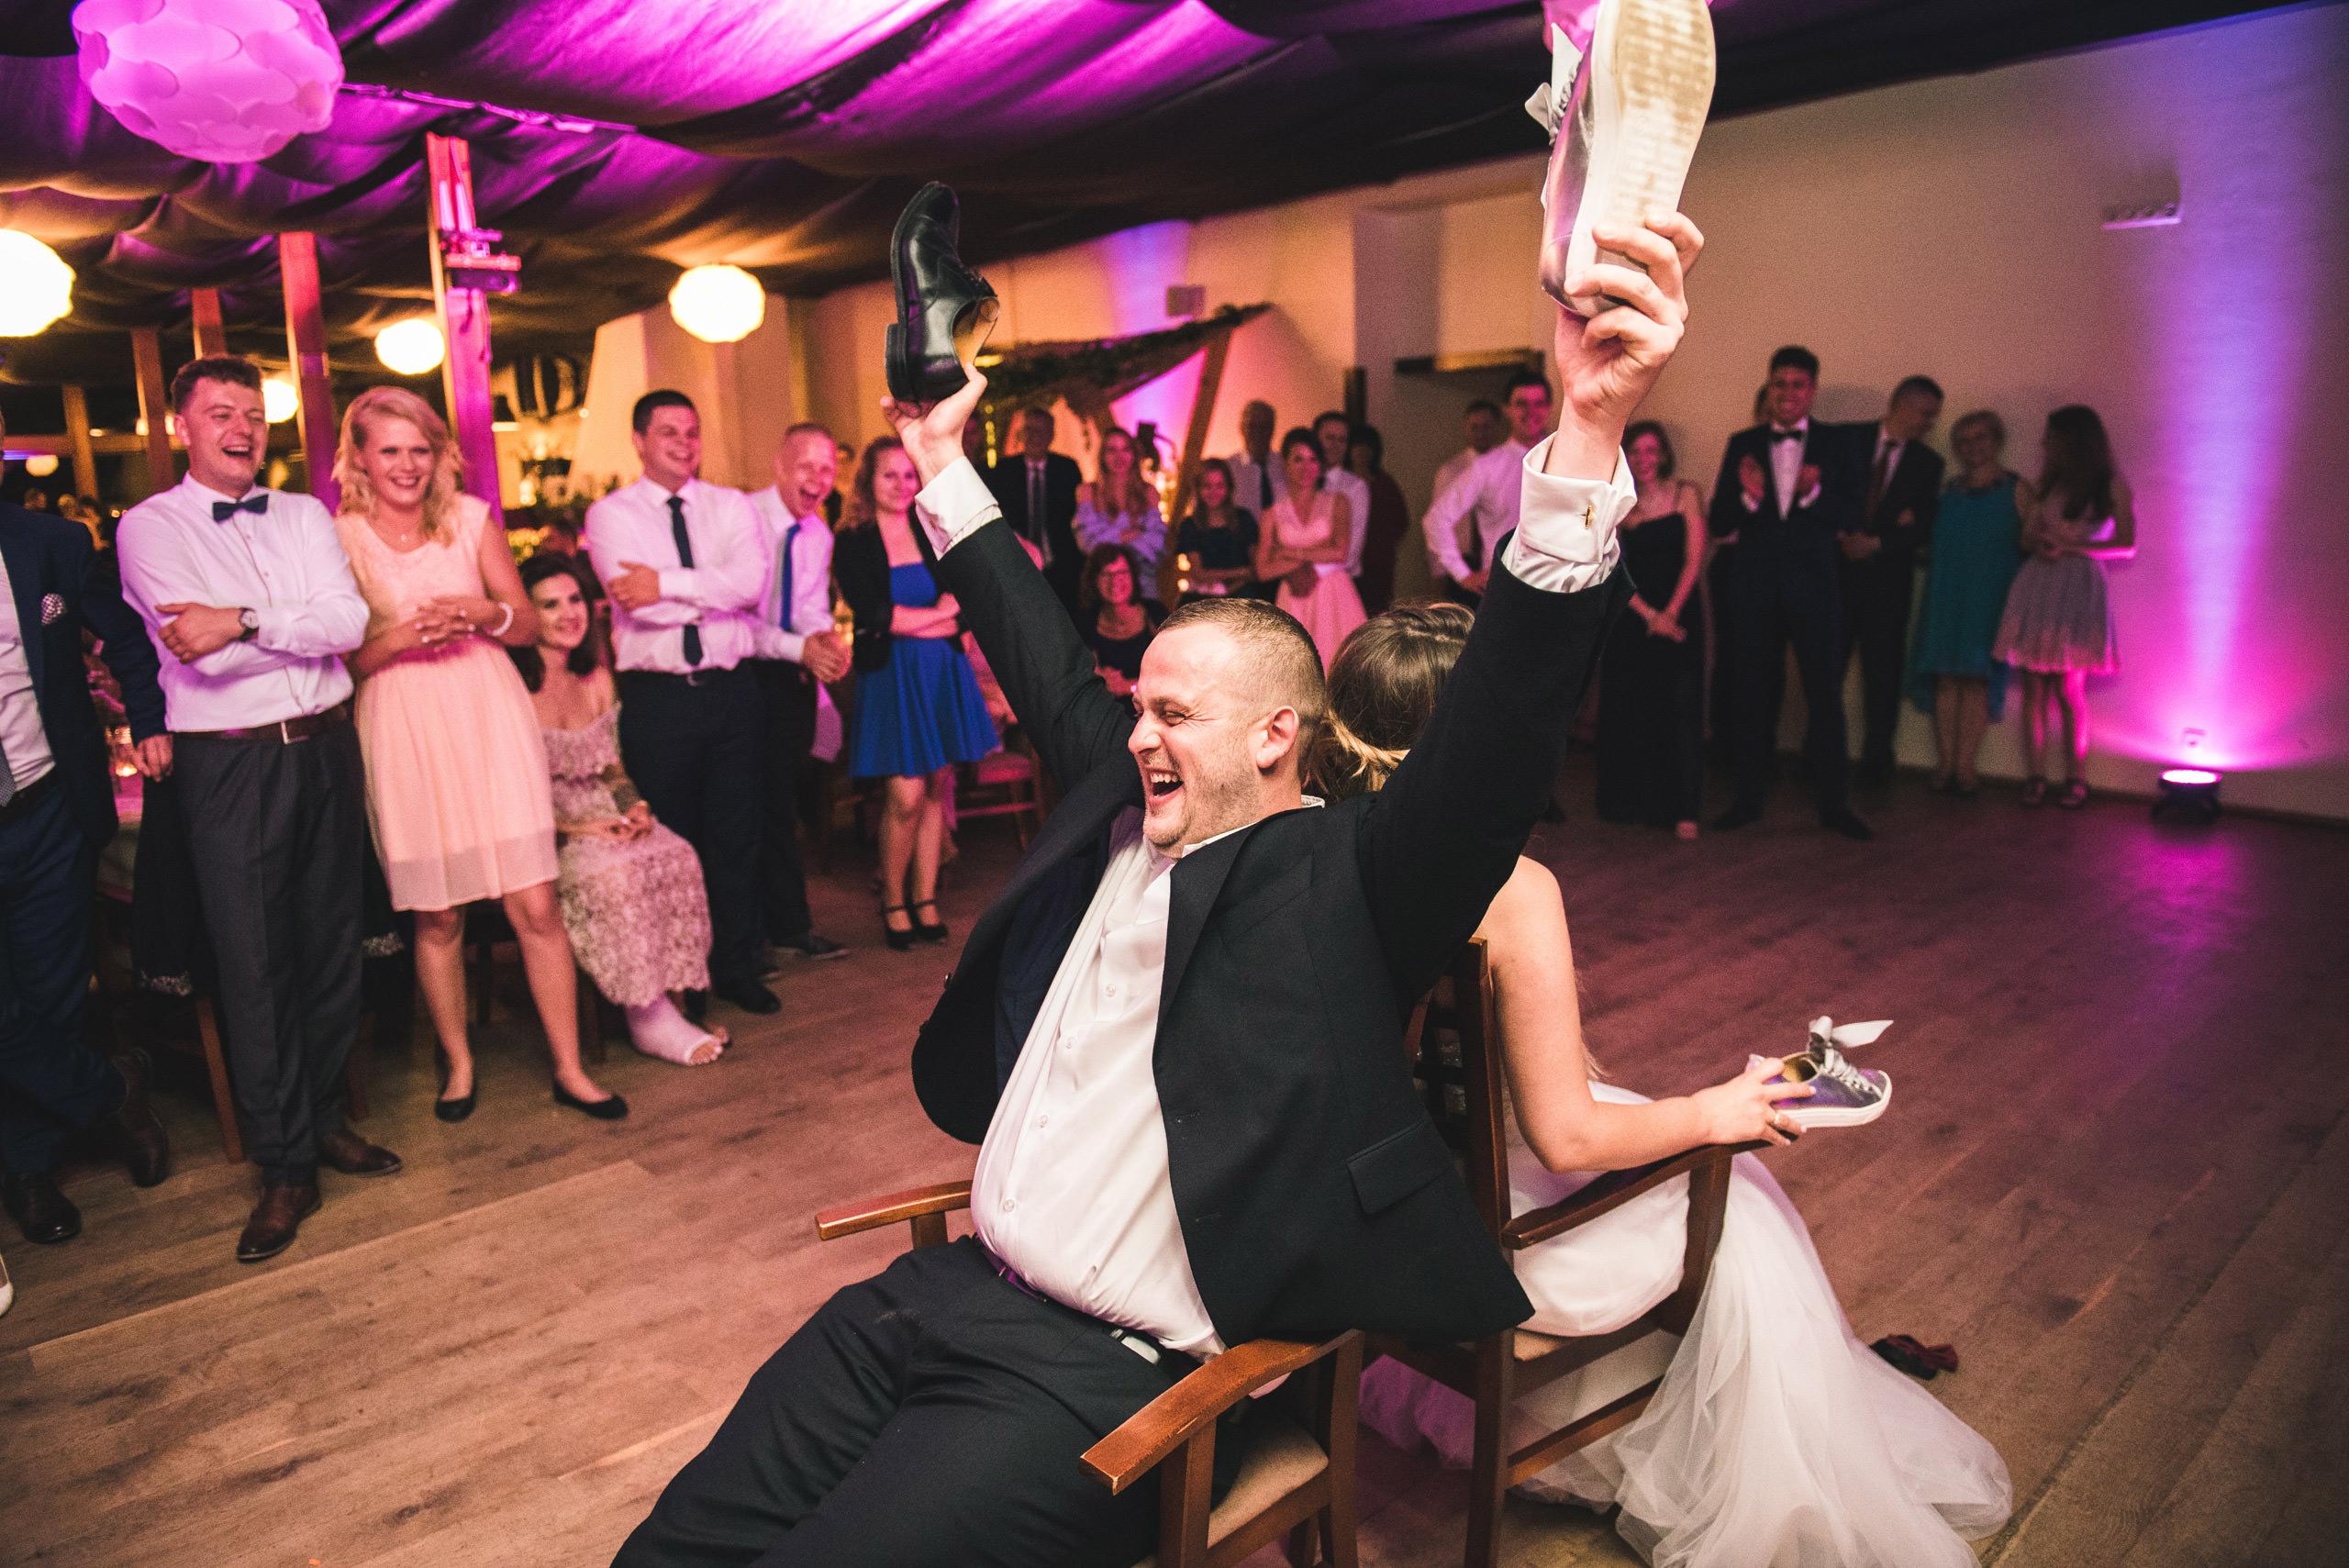 fotograf slubny warszawa 078 oczepiny zacisze anny korcz wesele